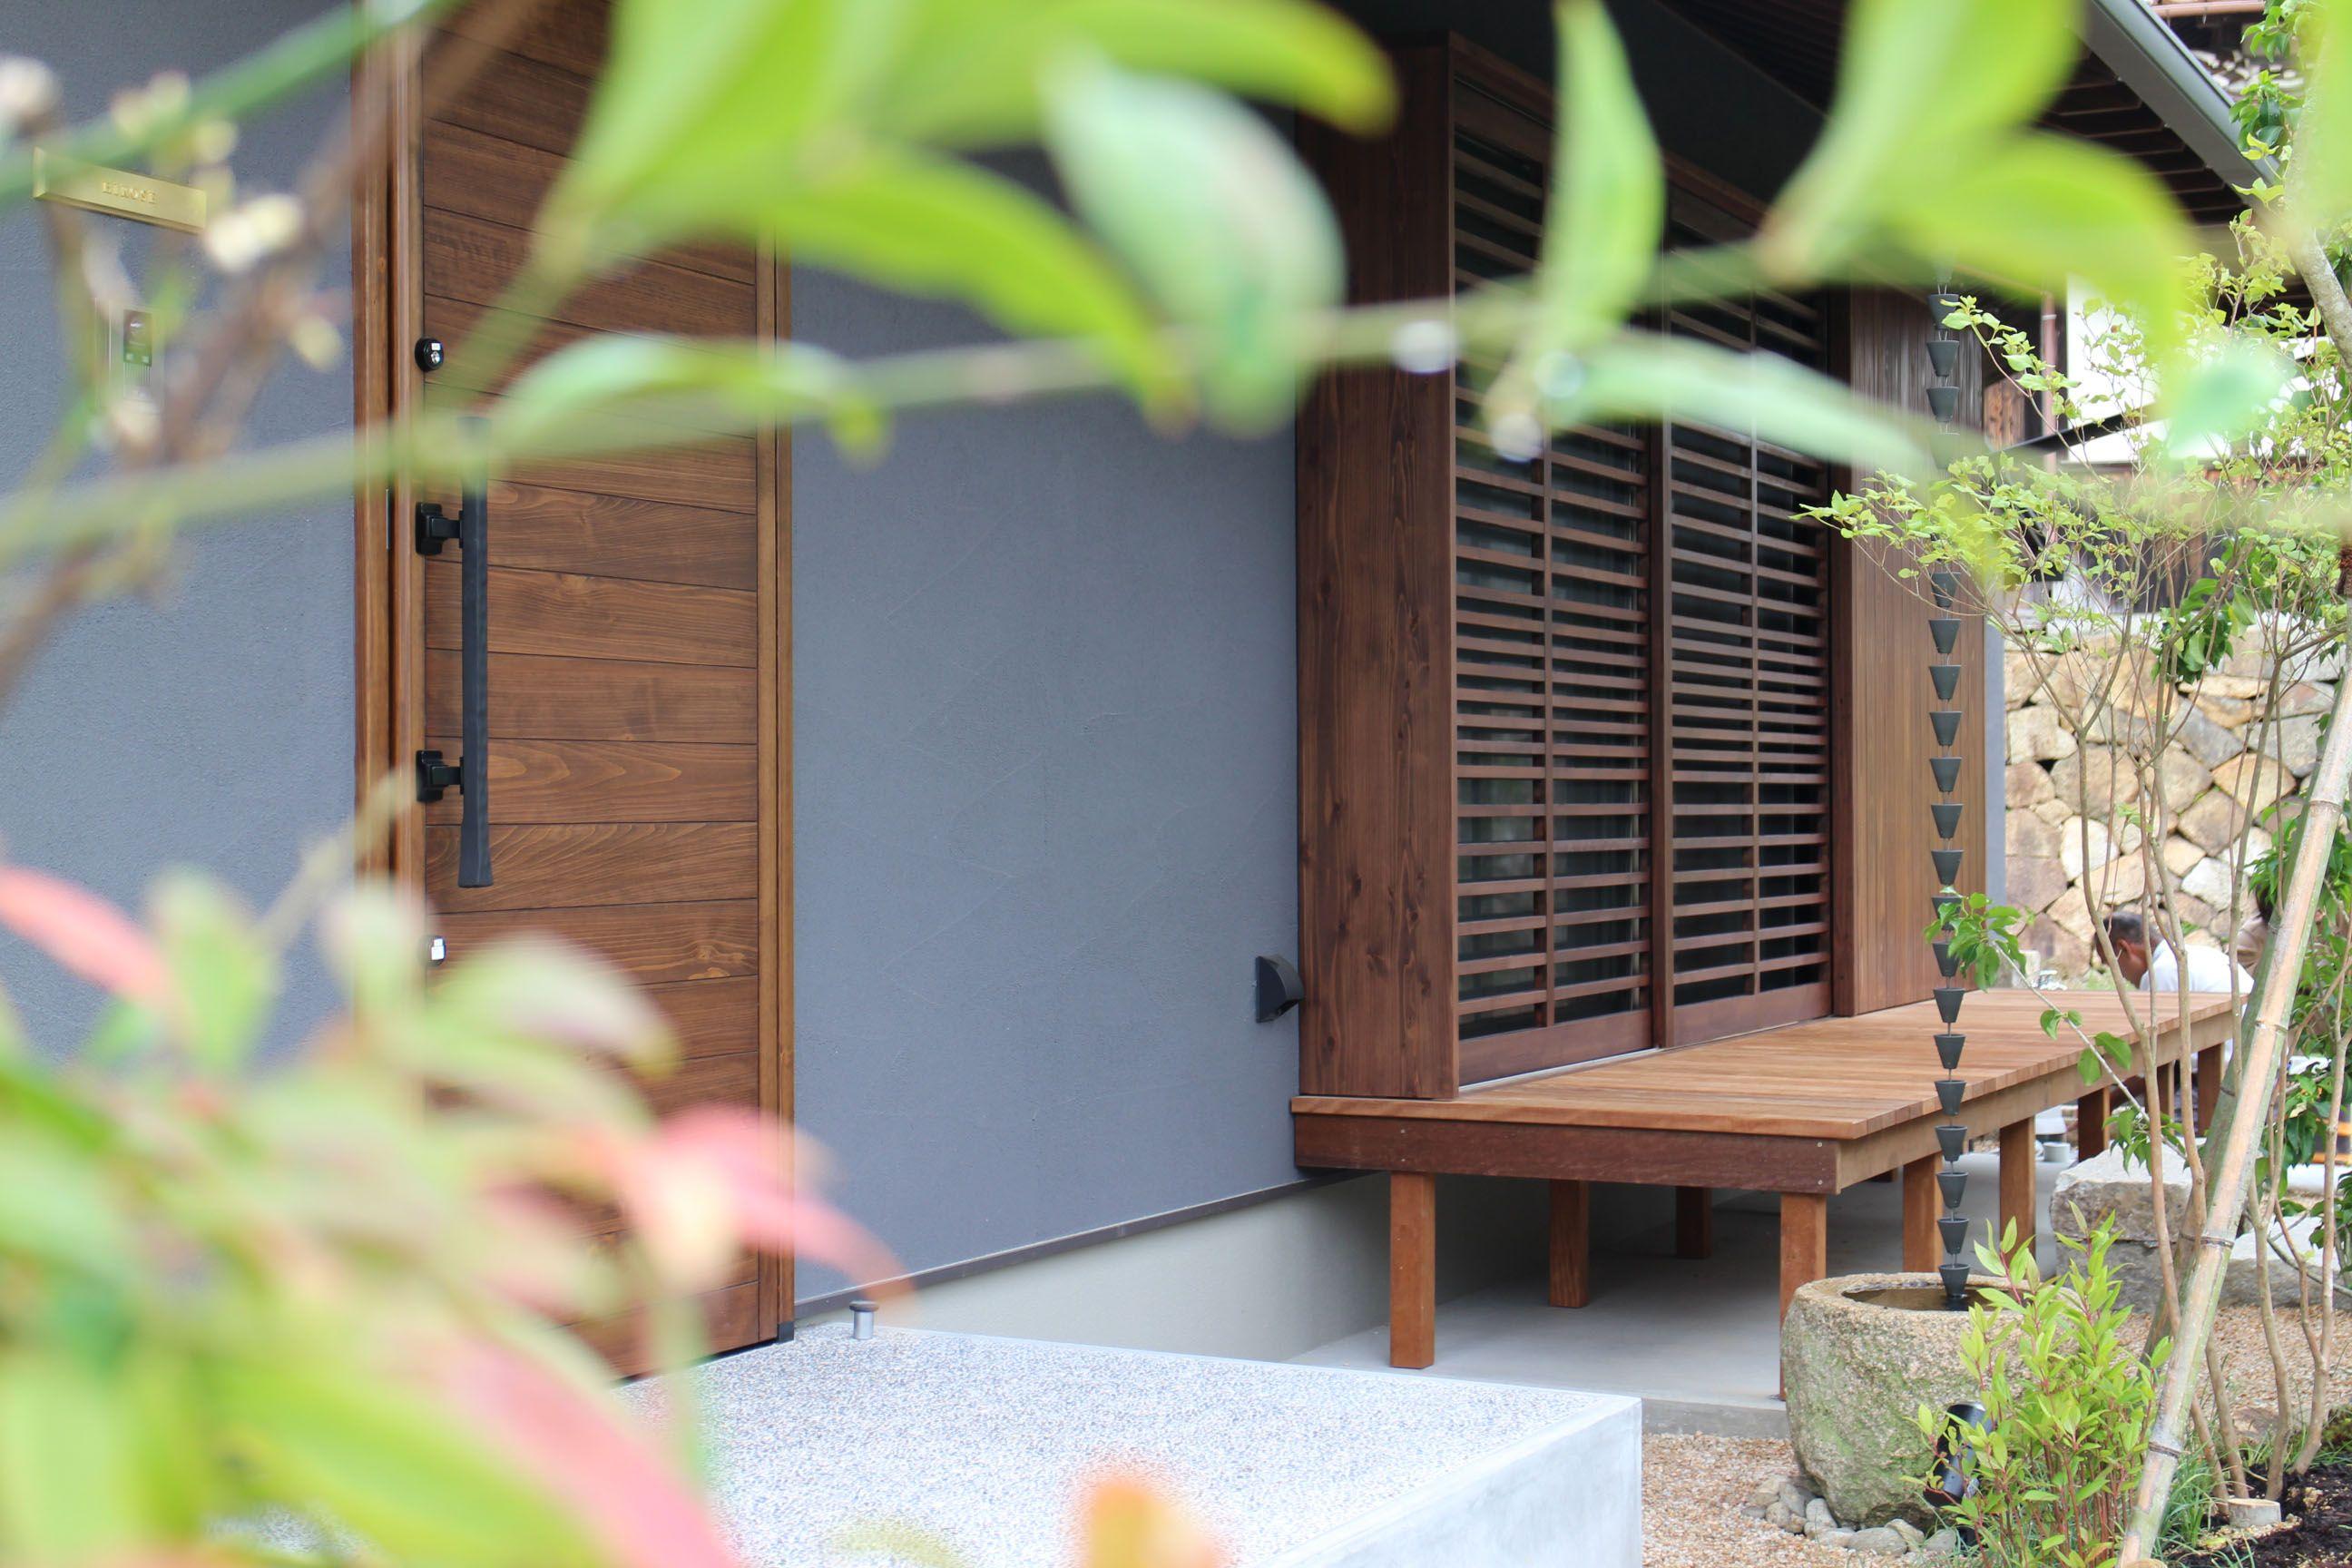 高断熱の国産木製玄関ドア Miyama桧玄関ドアシリーズ 片開き 木製ドア 玄関ドア 玄関ドア 木製